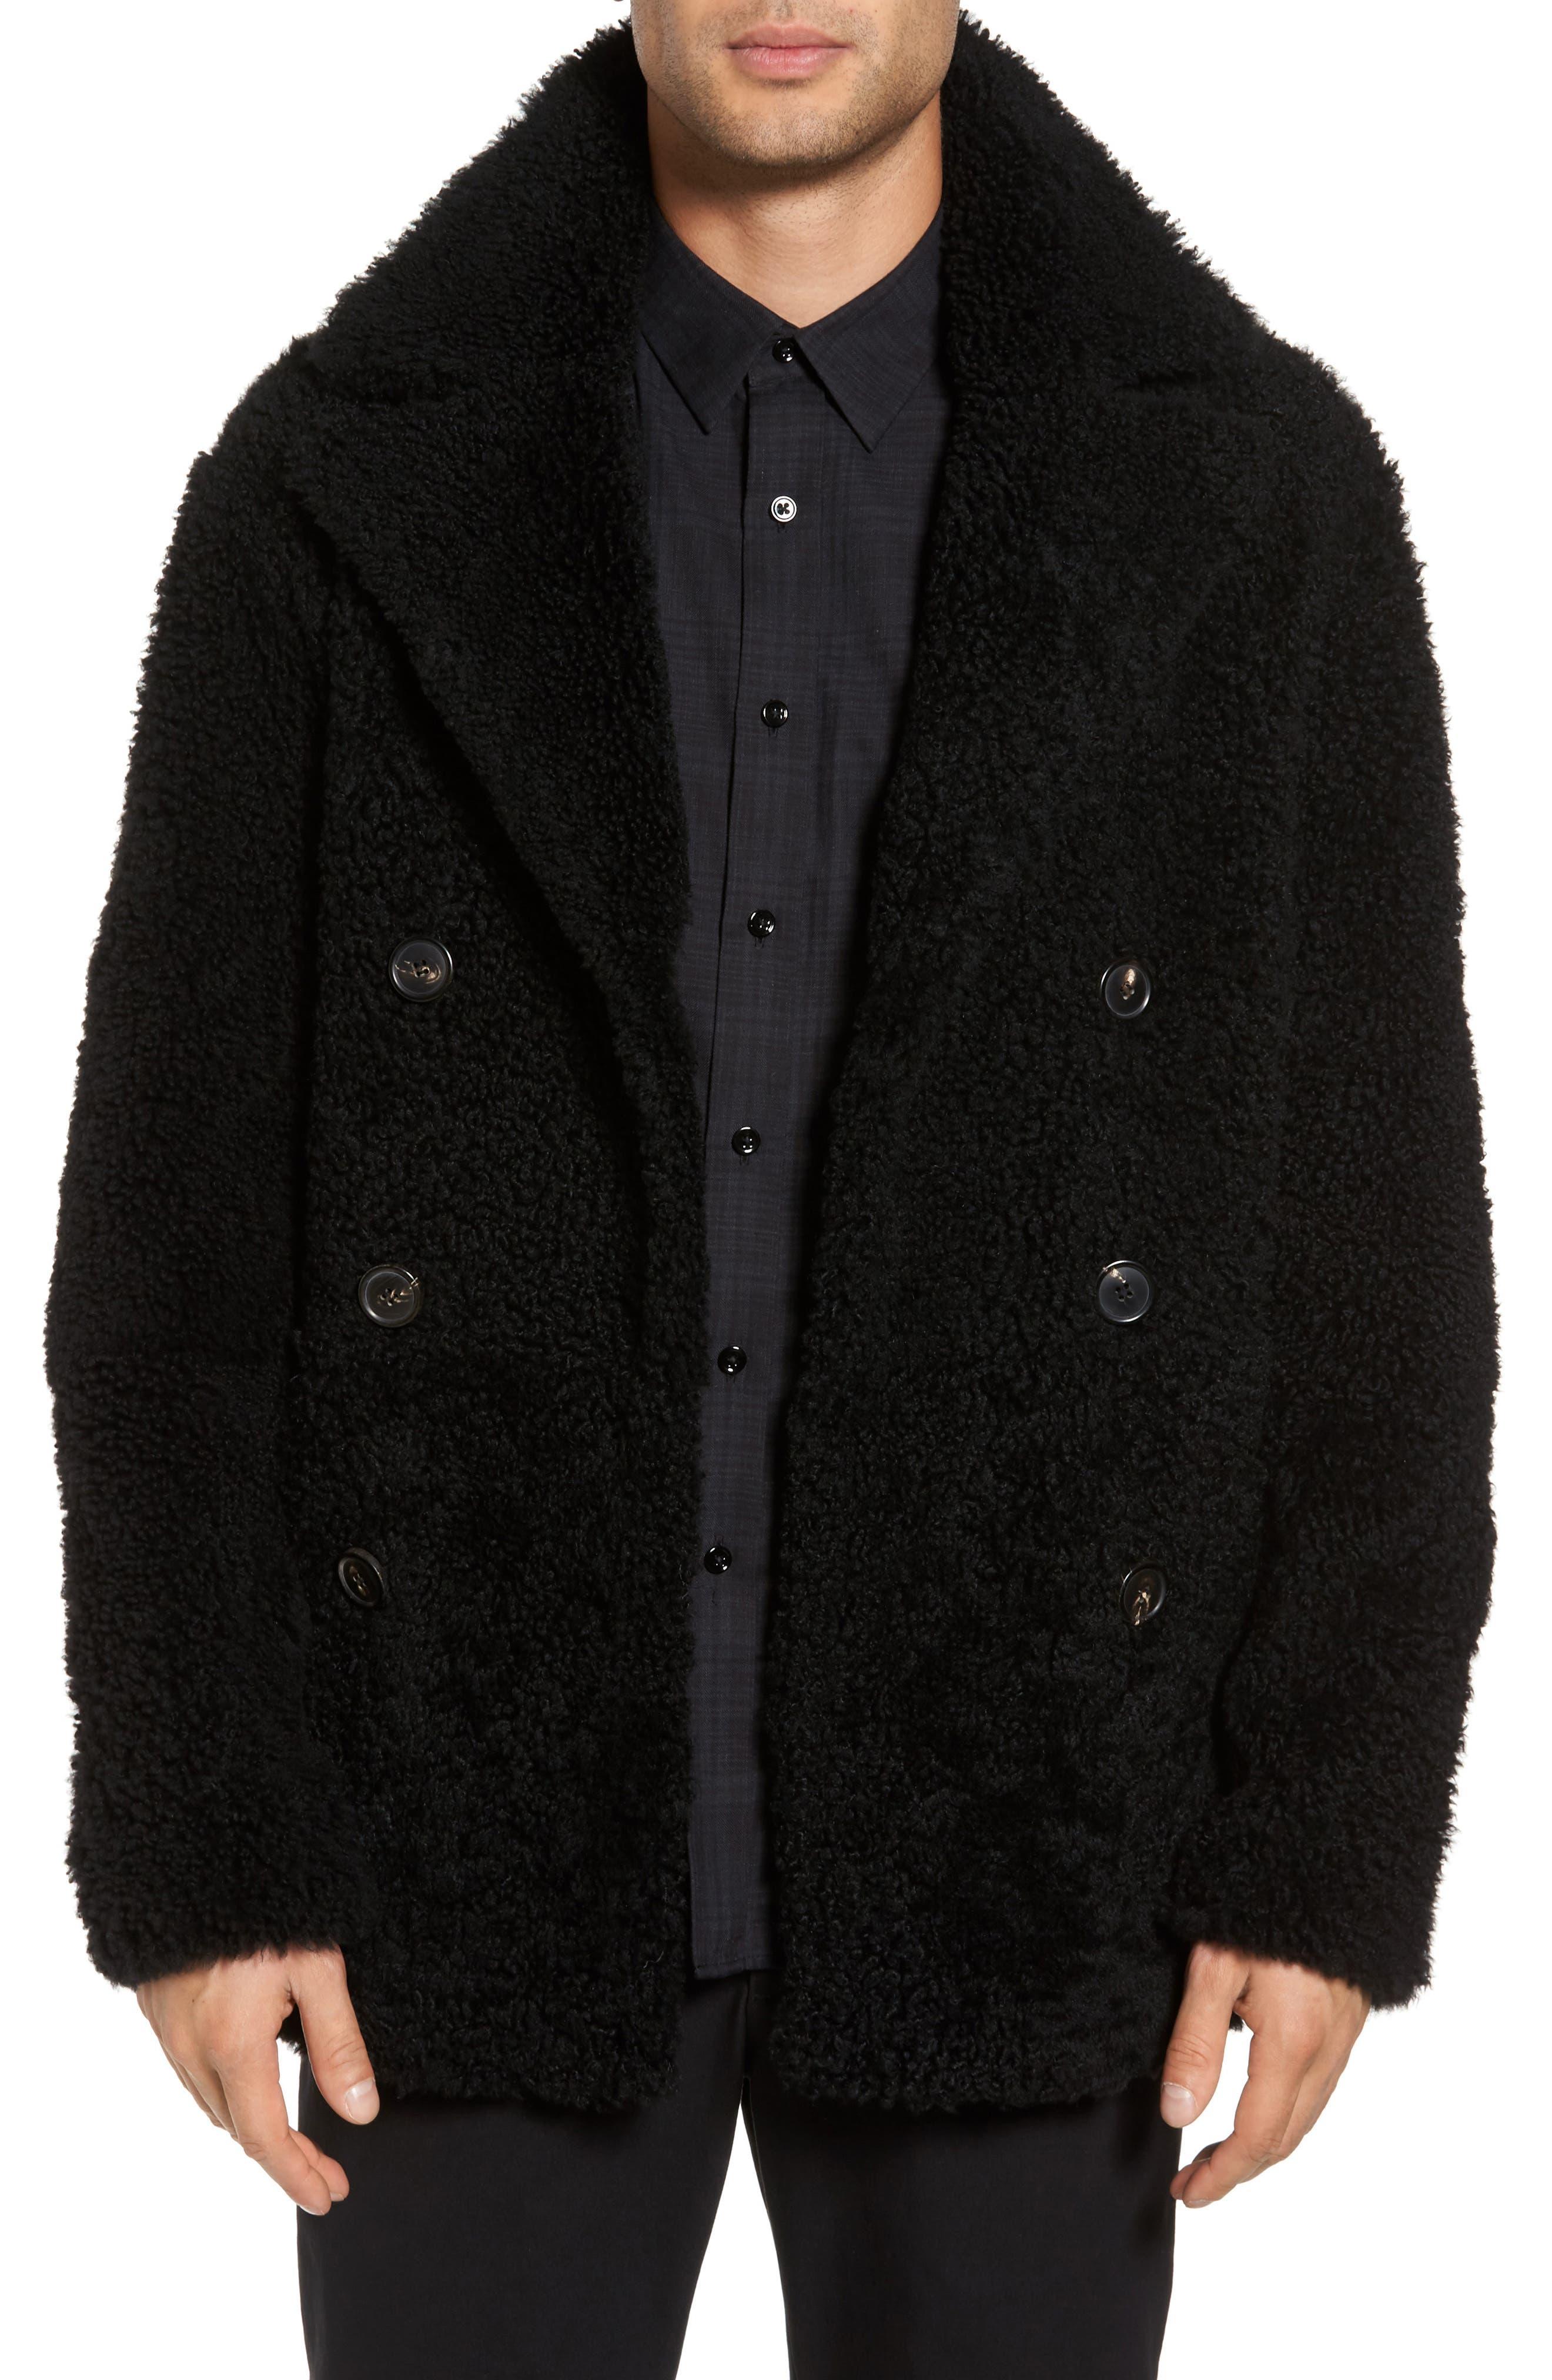 Reversible Genuine Shearling Peacoat,                         Main,                         color, Black